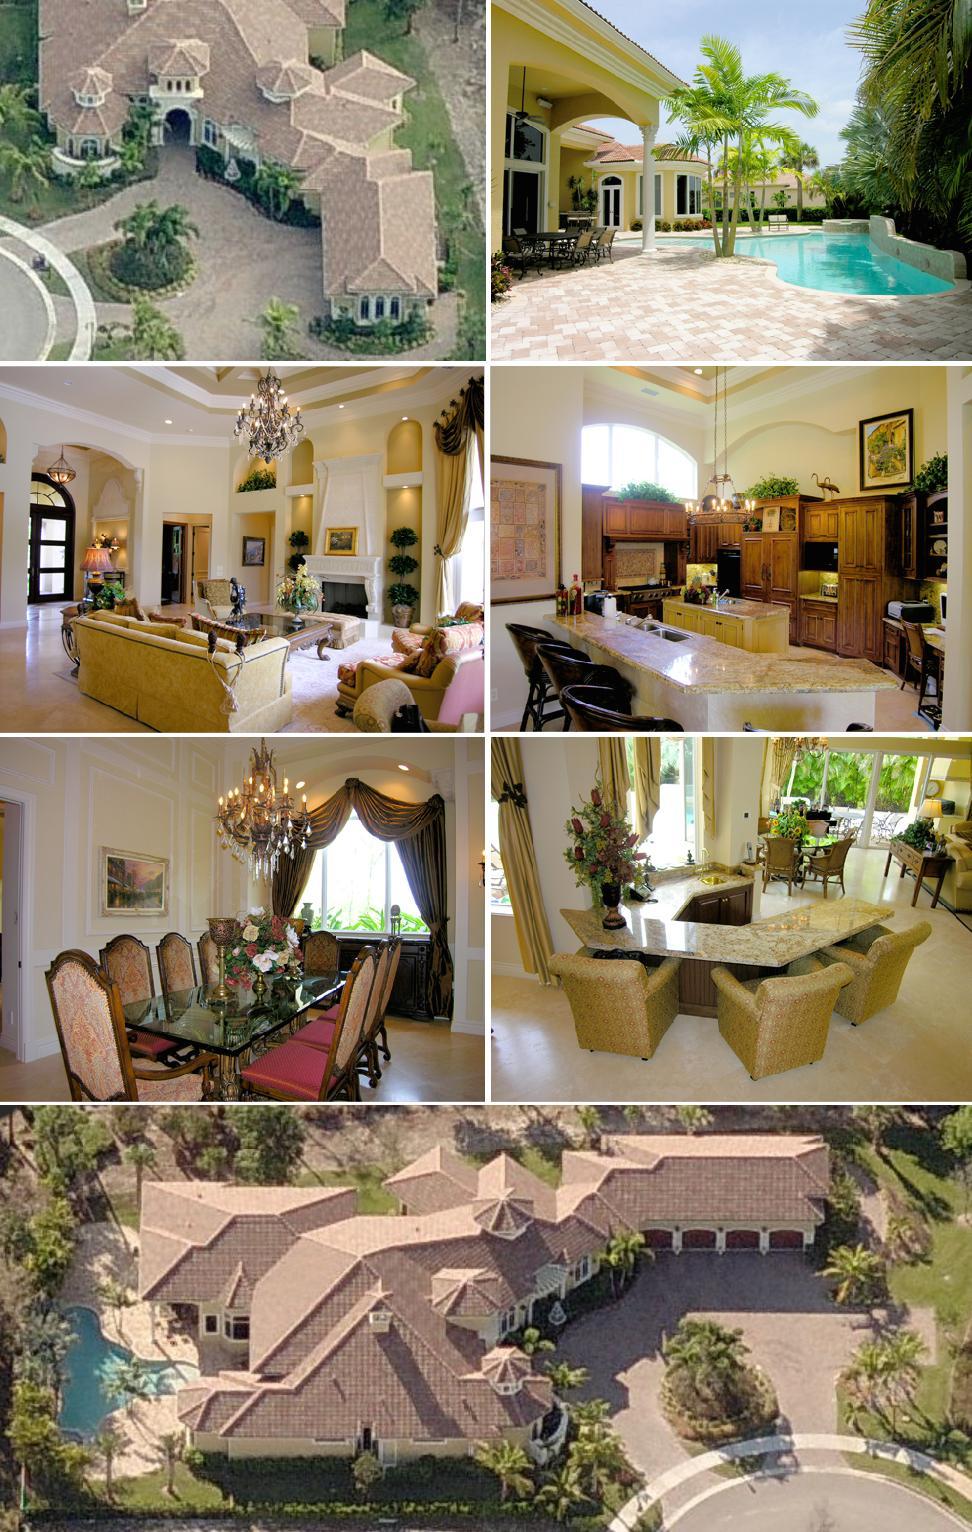 Brian Schneider house in Palm Beach Gardens, Florida